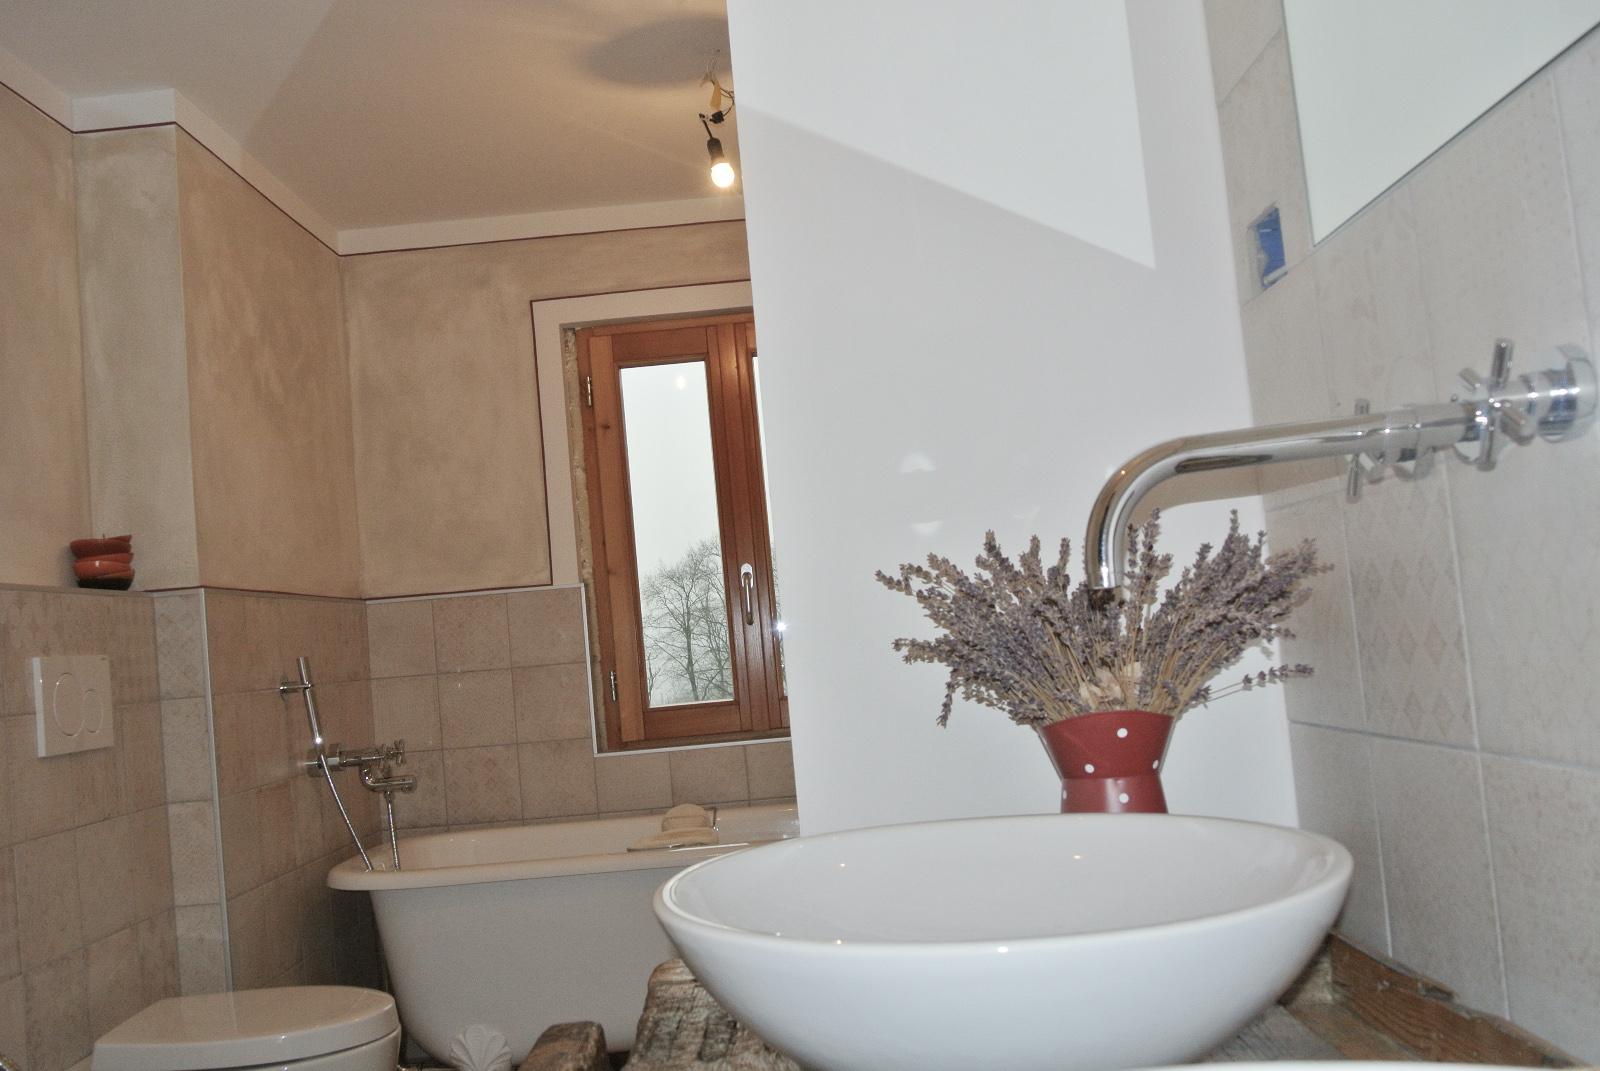 Works sintesibagno progetto e realizzazione arredobagno bagno provenzale - Sintesi bagno verbania ...